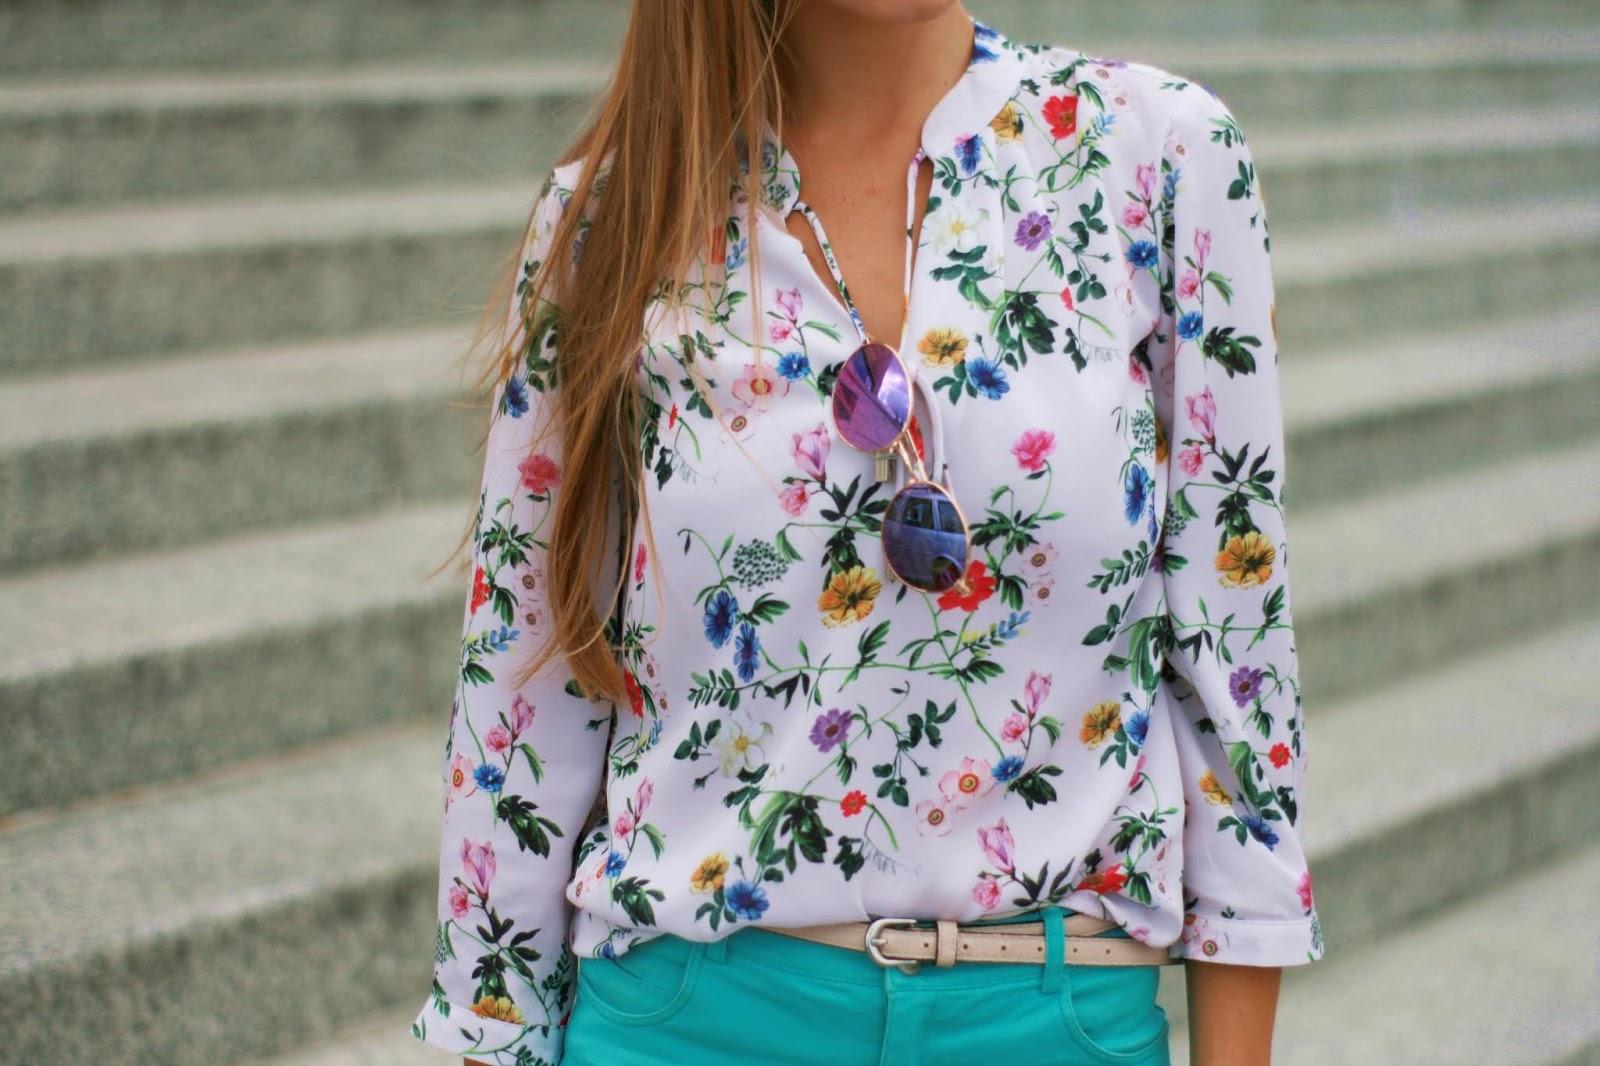 Elegant look: shorts & floral shirt | Szorty i kwiecista koszula w eleganckim wydaniu